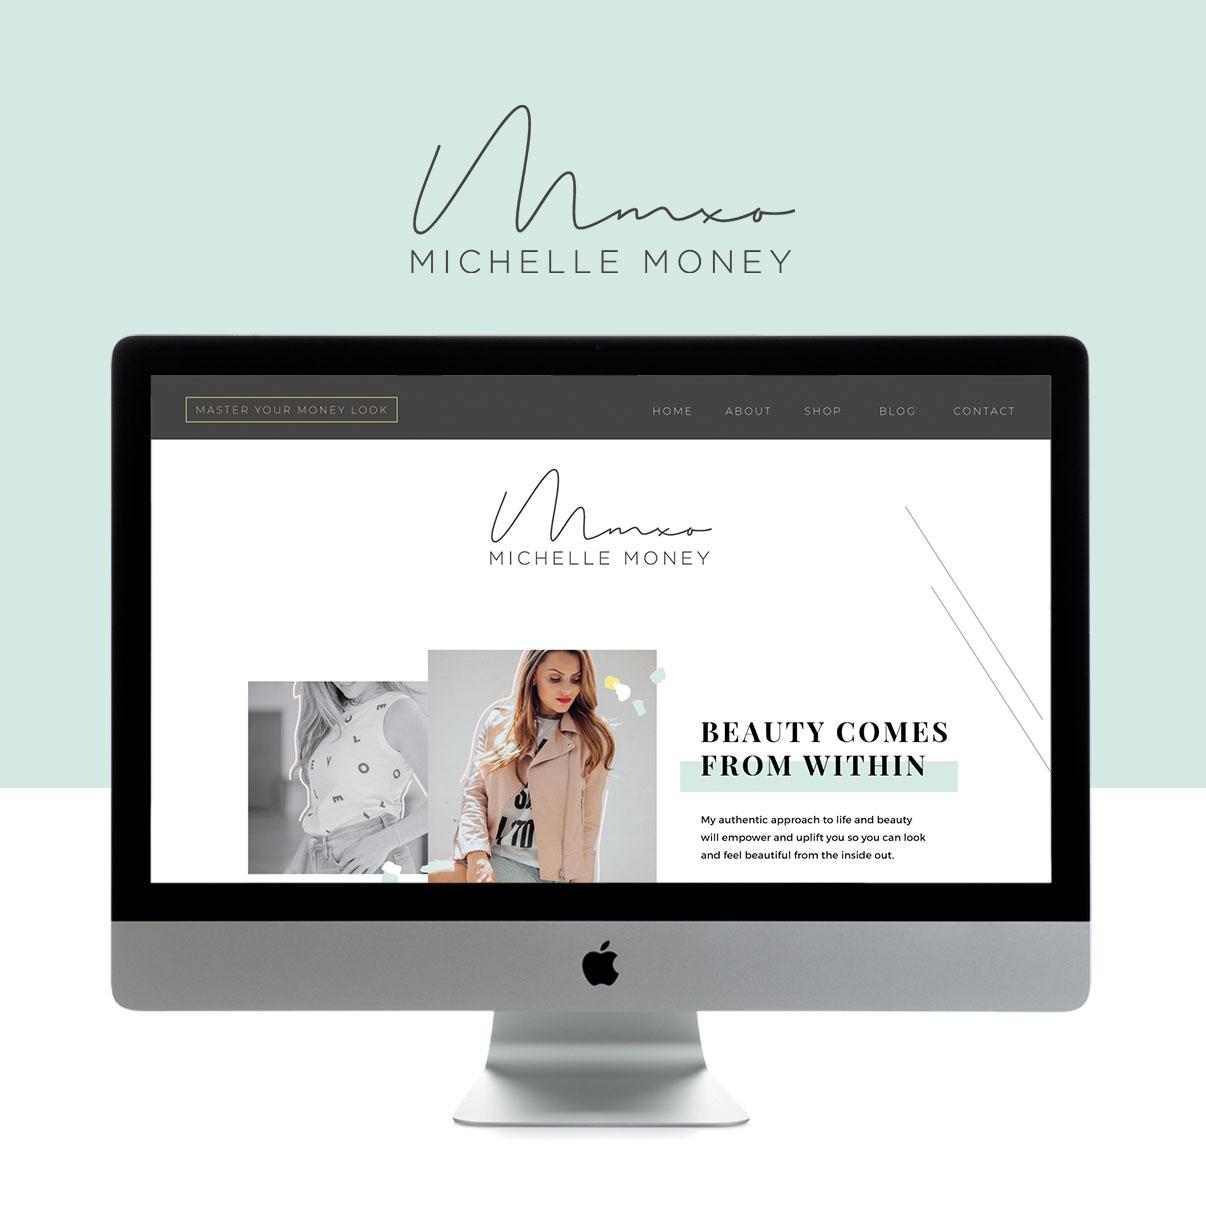 MichelleMoney_websitelaunchtemplate2